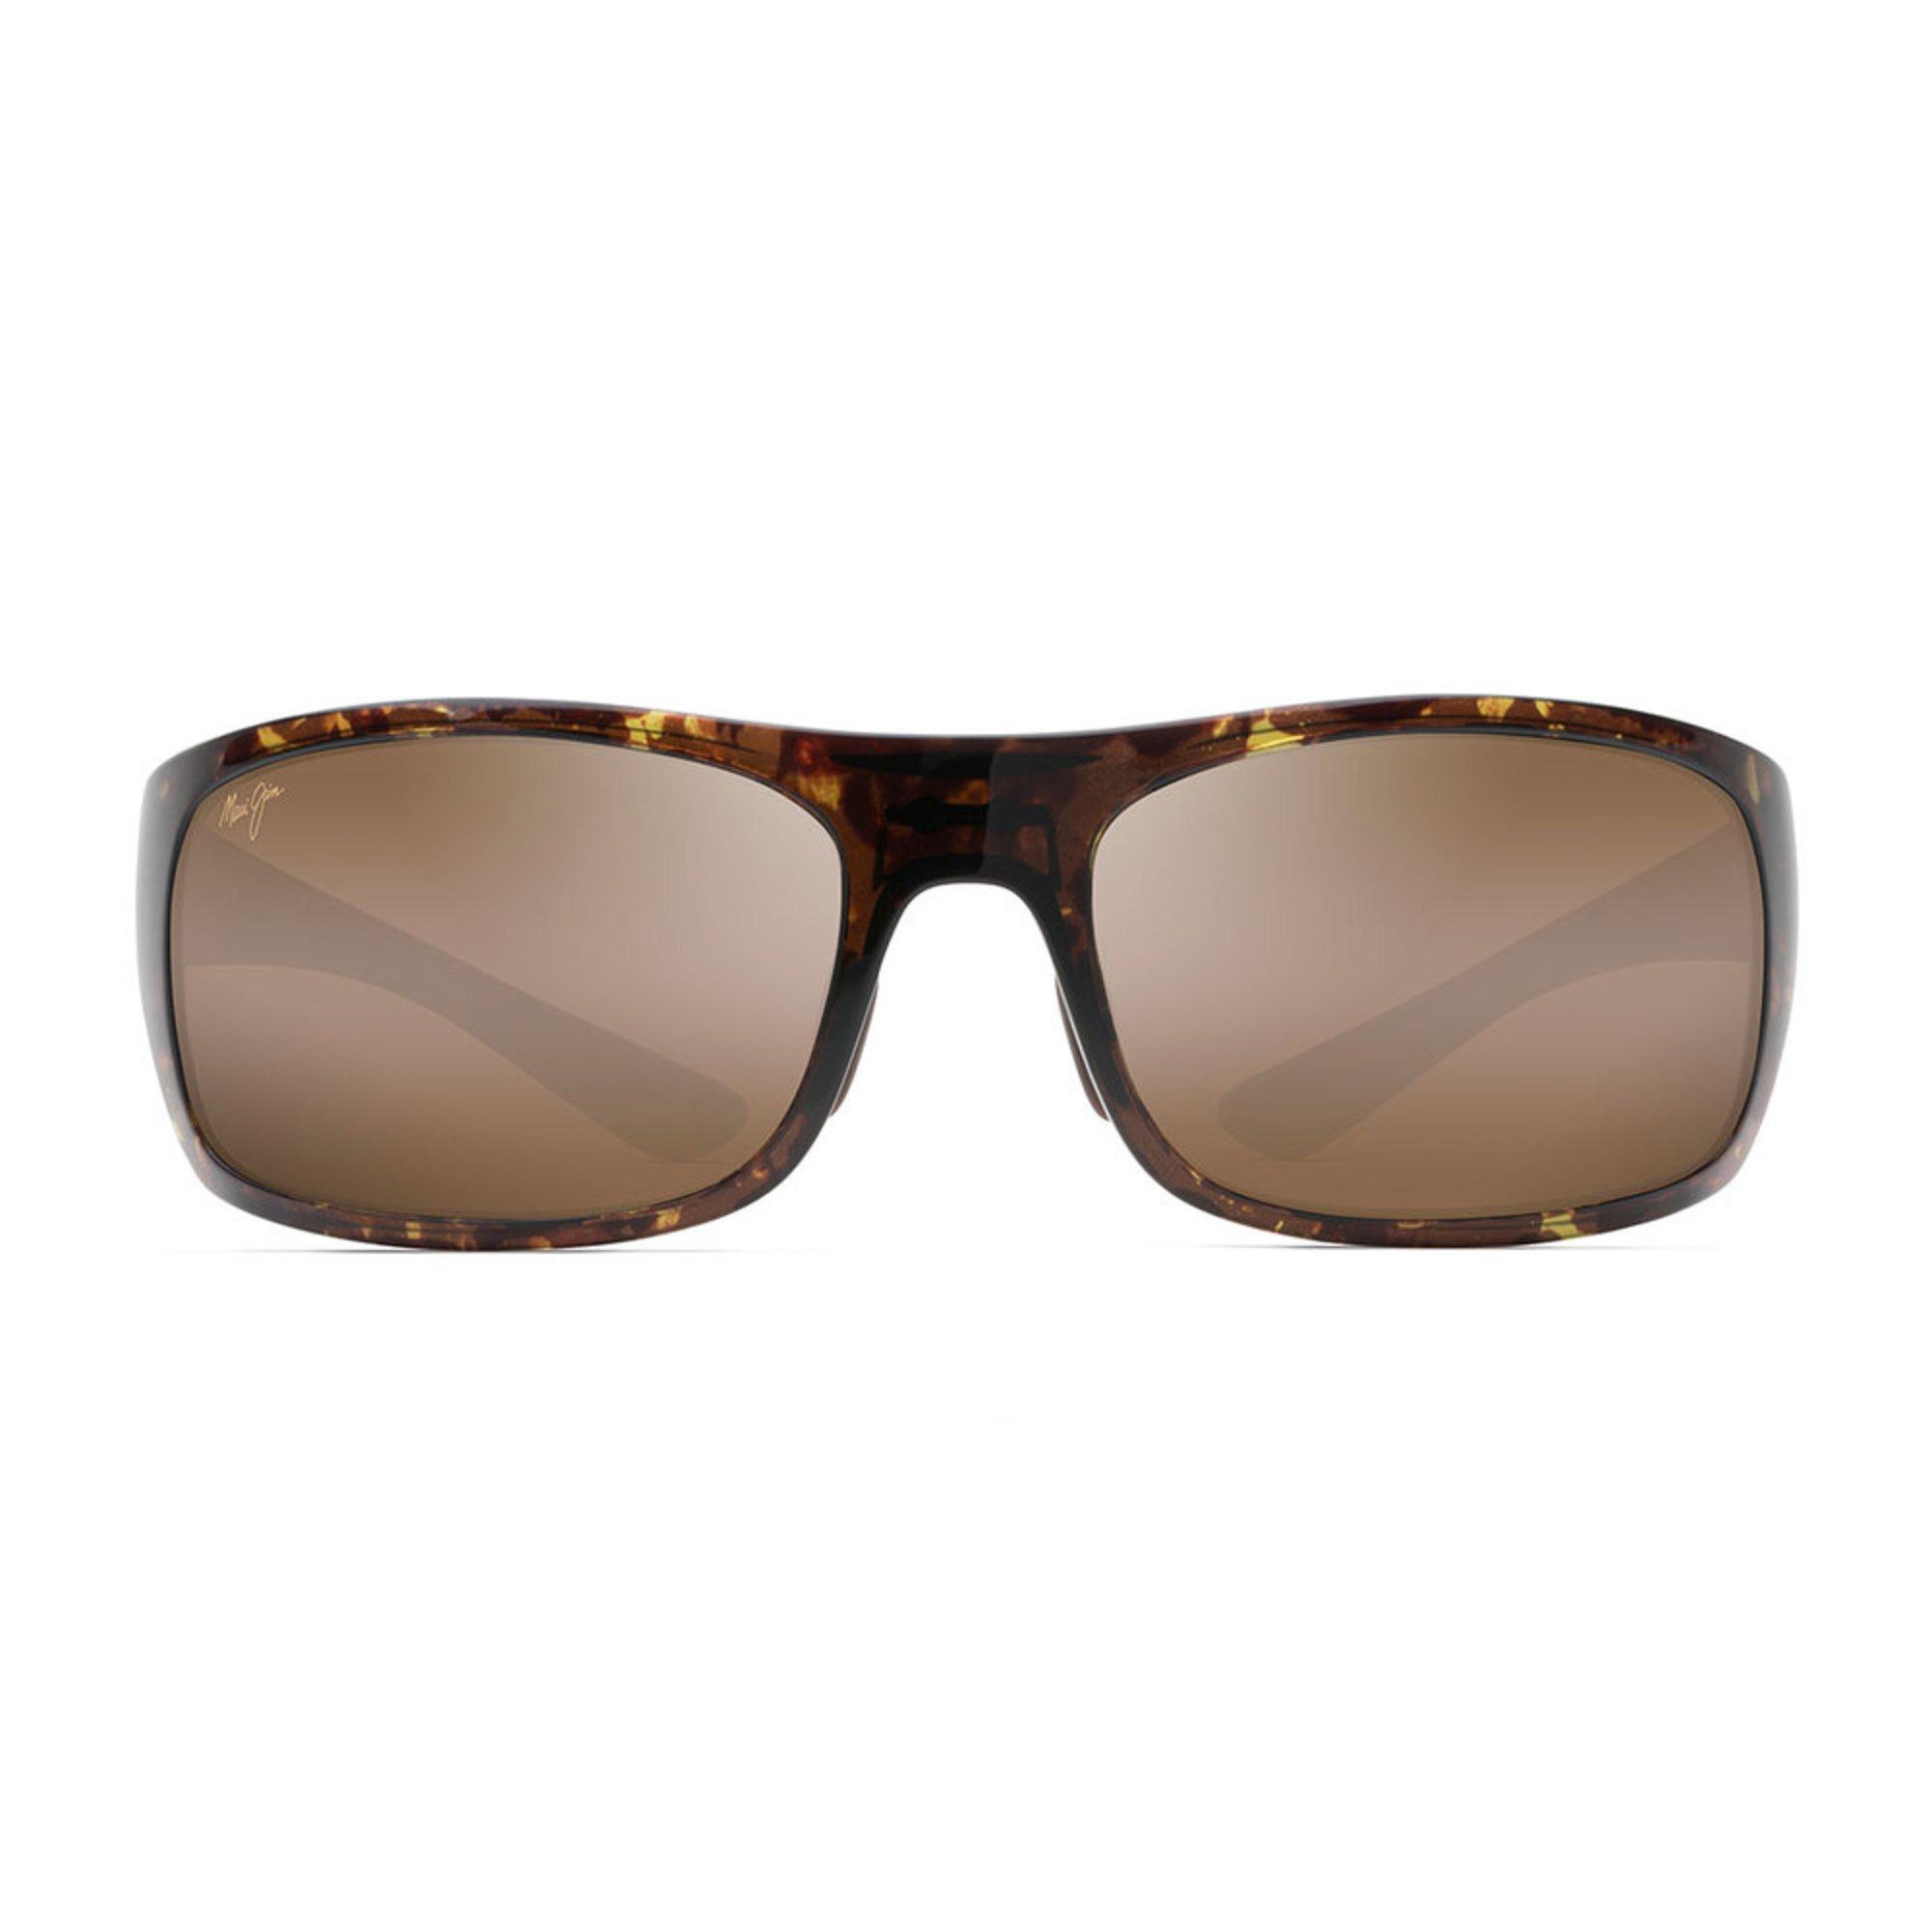 8573863c2f Maui Jim. Maui Jim Men s Polarized Big Wave HCL Bronze Sunglasses